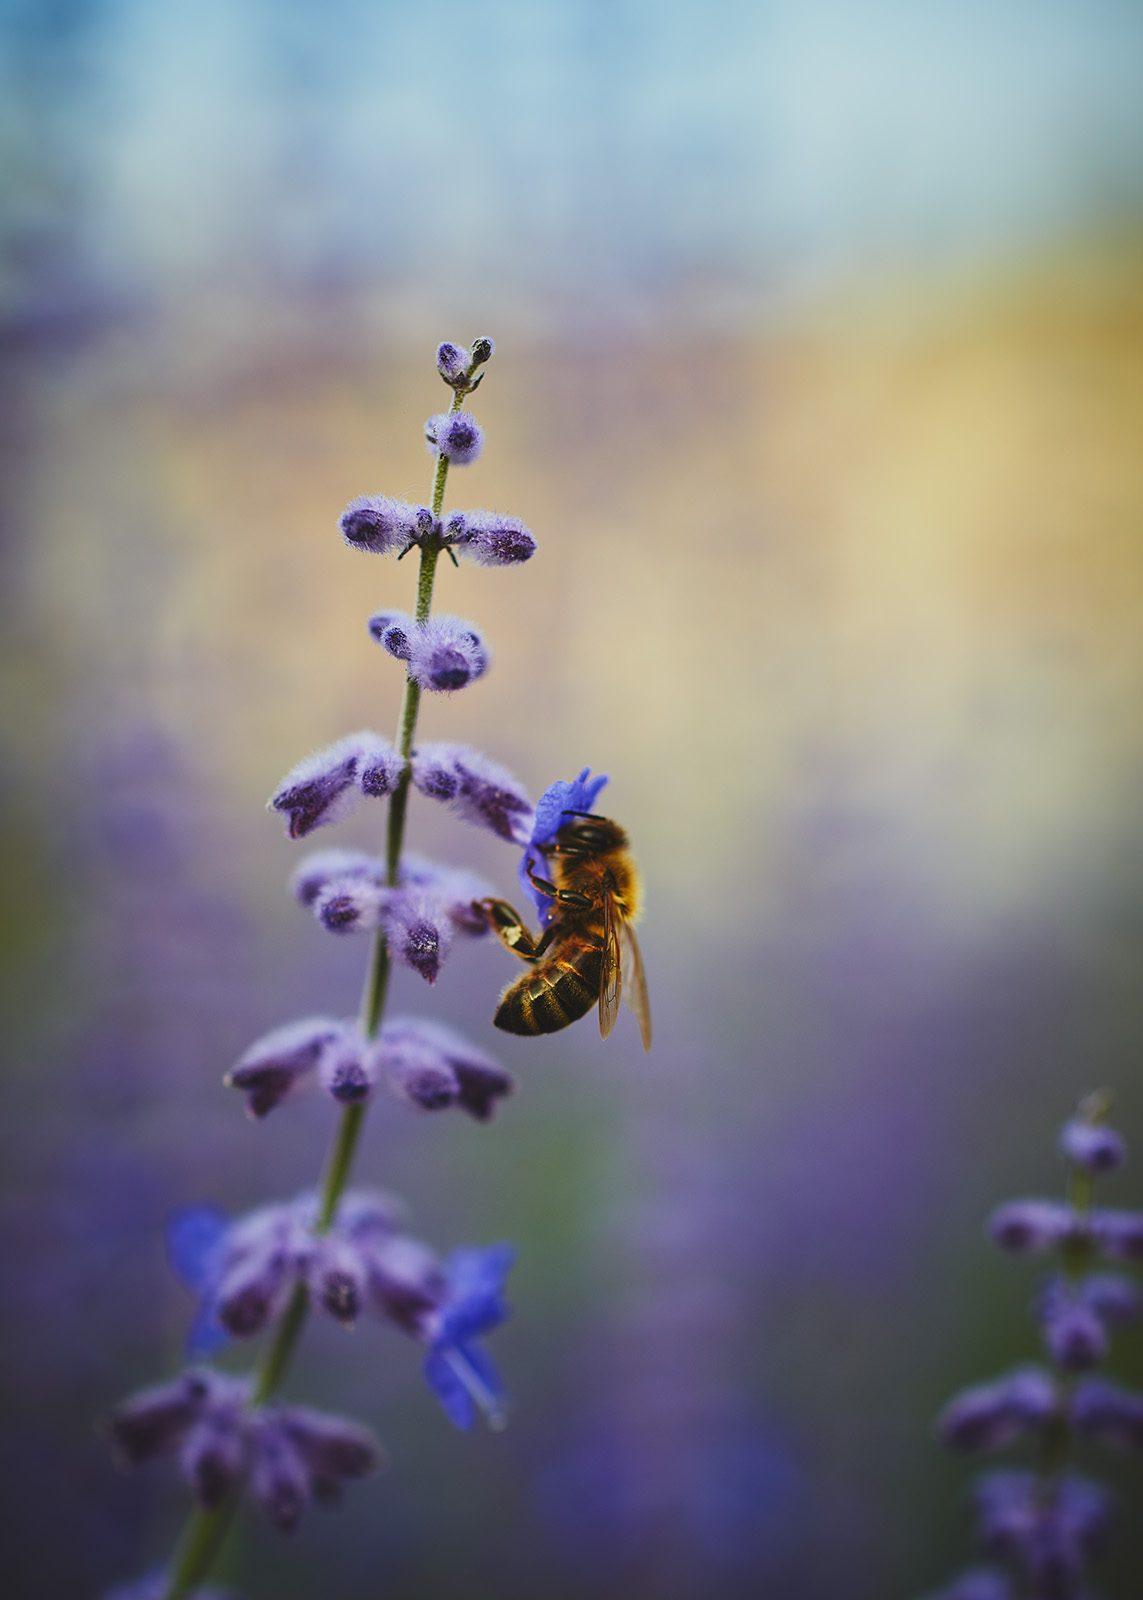 Bie på lavendel blomst nærbilde av Peder Aaserud Eikeland